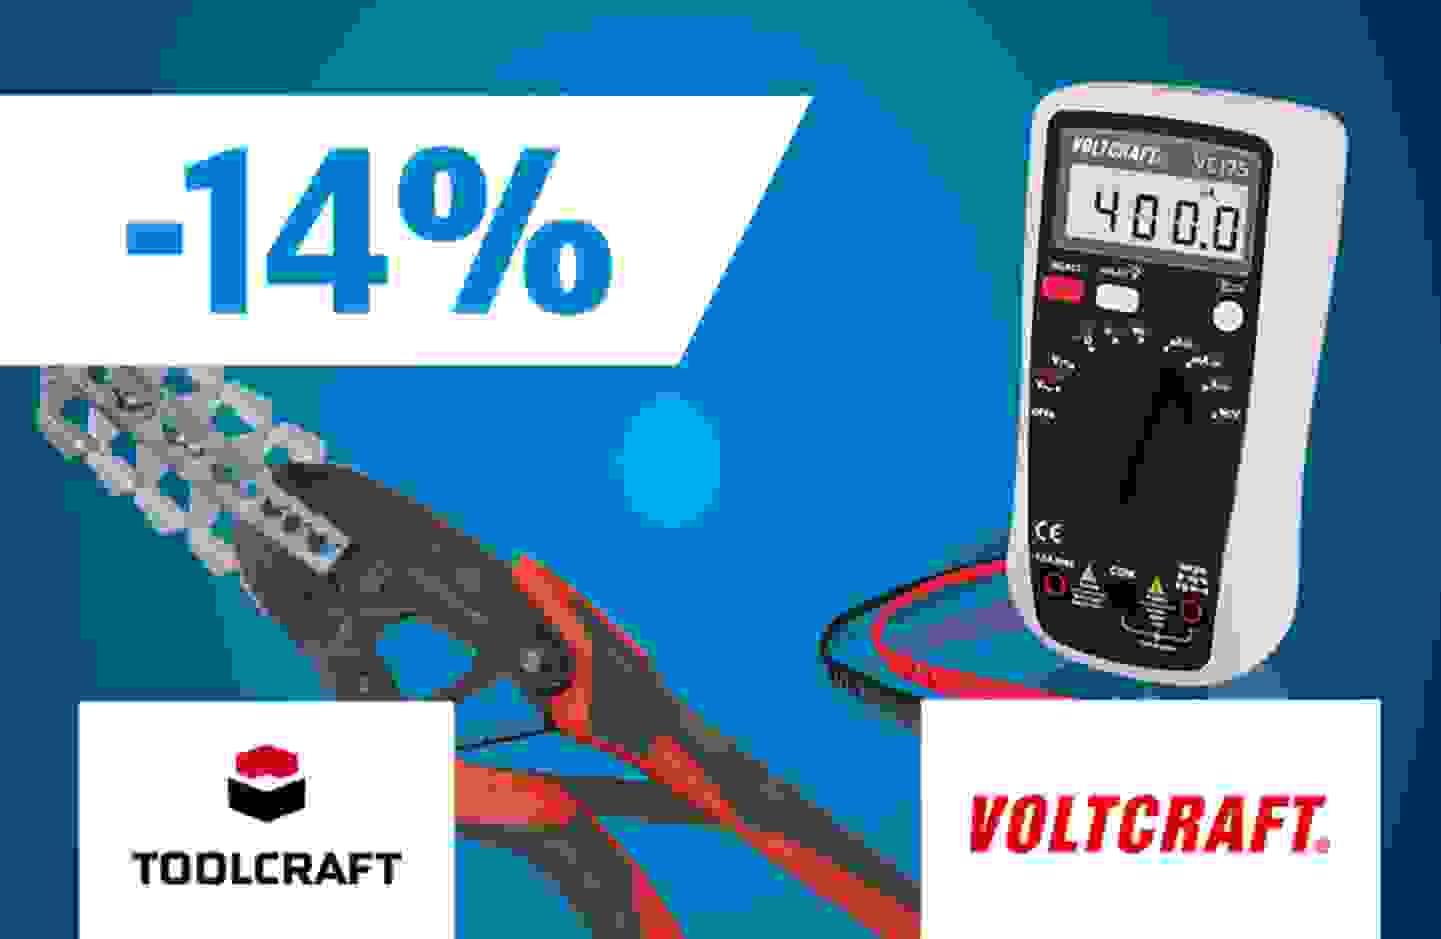 Profitieren Sie jetzt von 14% Rabatt auf das komplette Voltcraft- und Toolcraft-Sortiment »